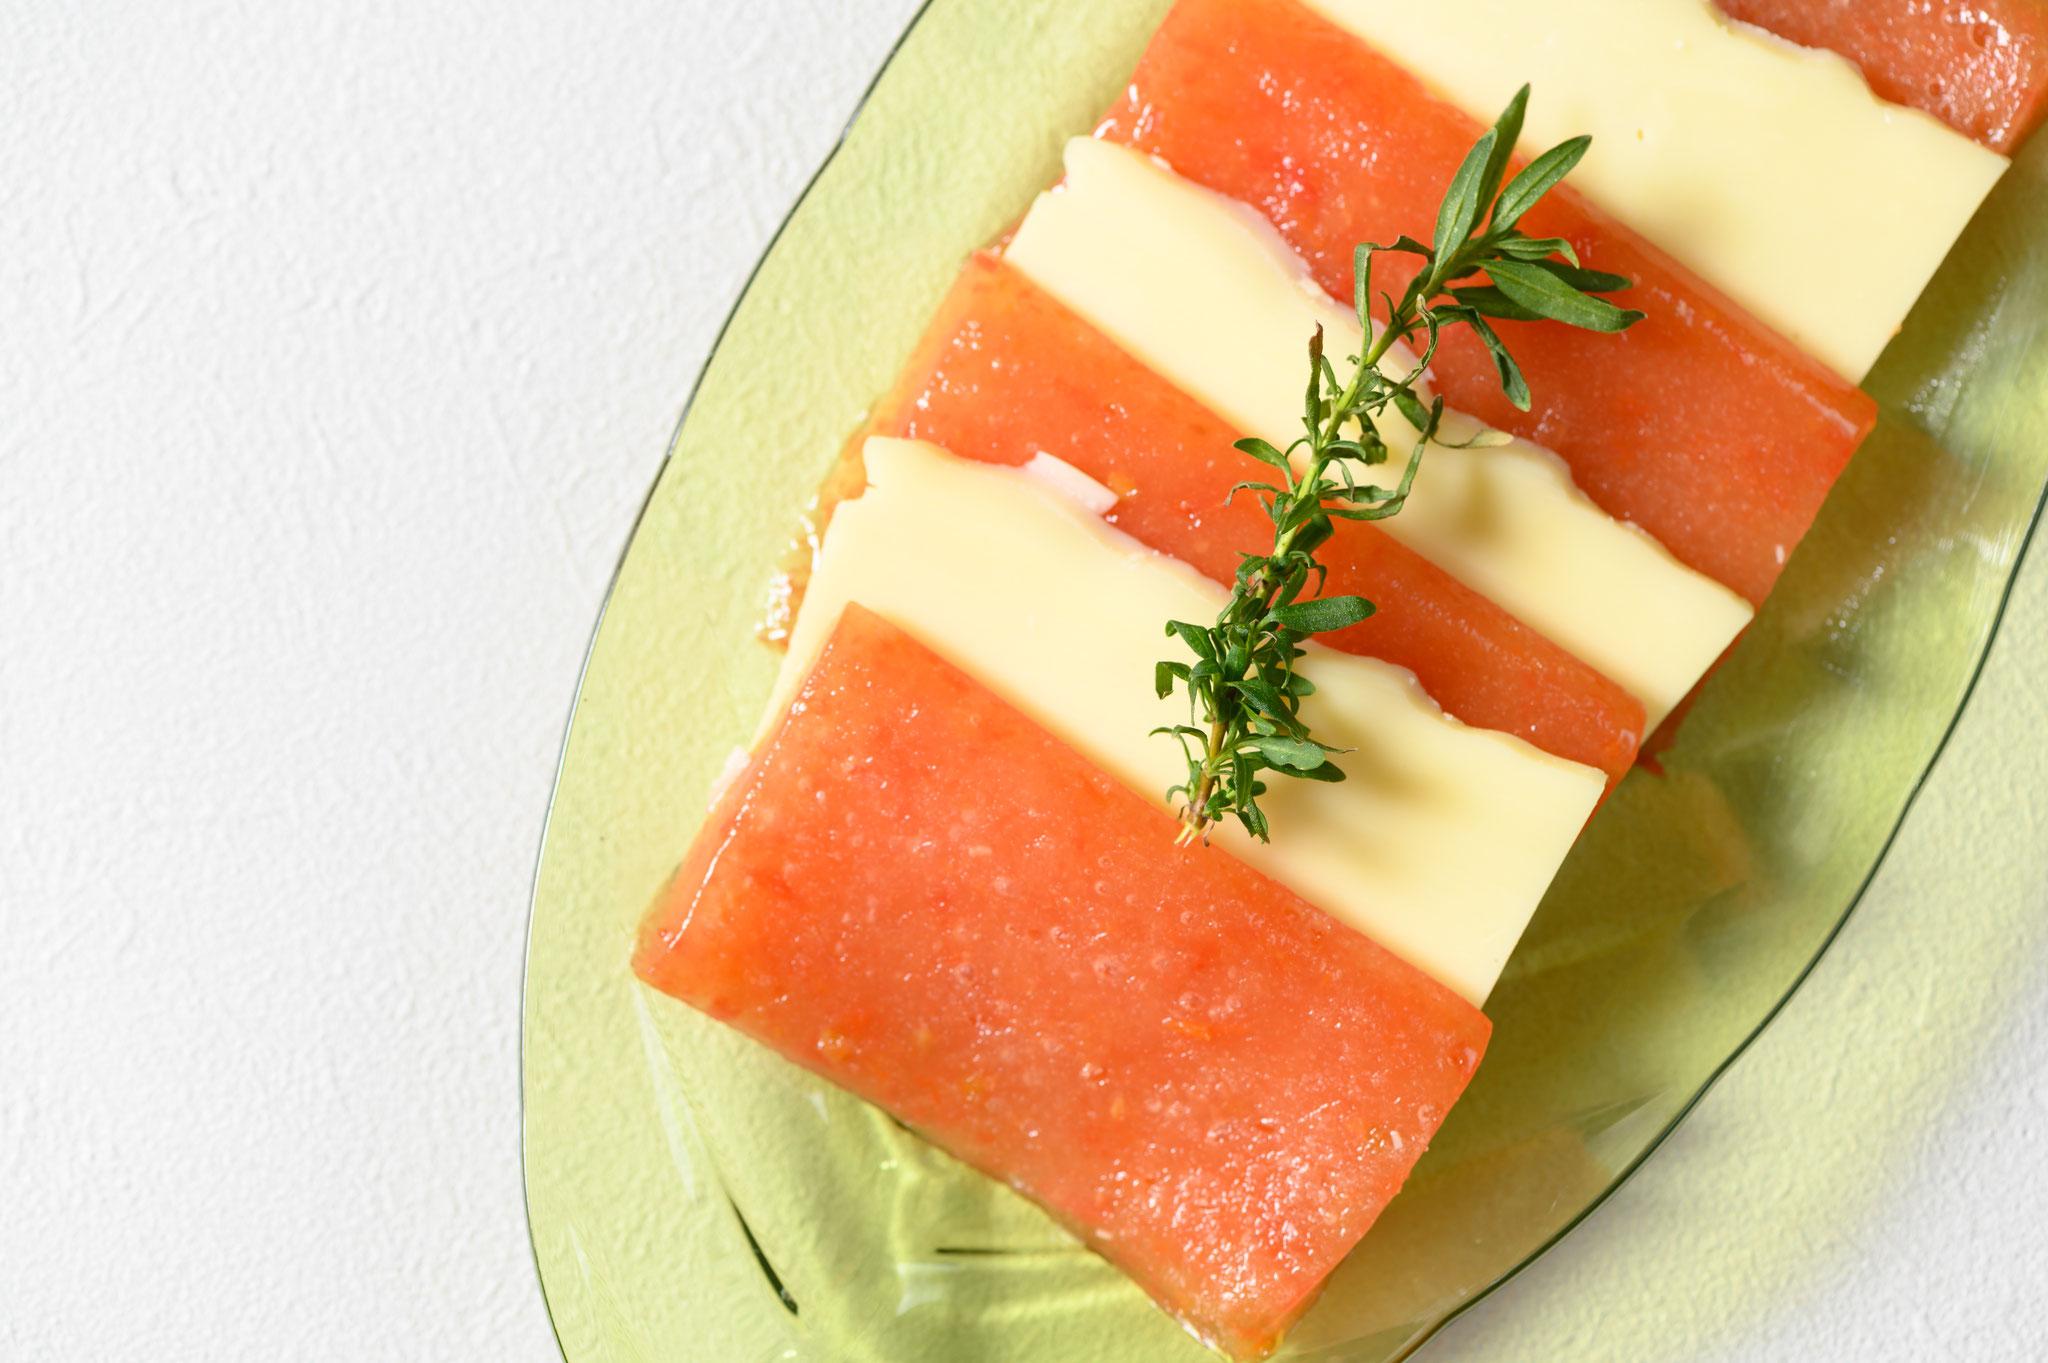 モッツァレラチーズとの相性も抜群!カプレーゼでお楽しみください。